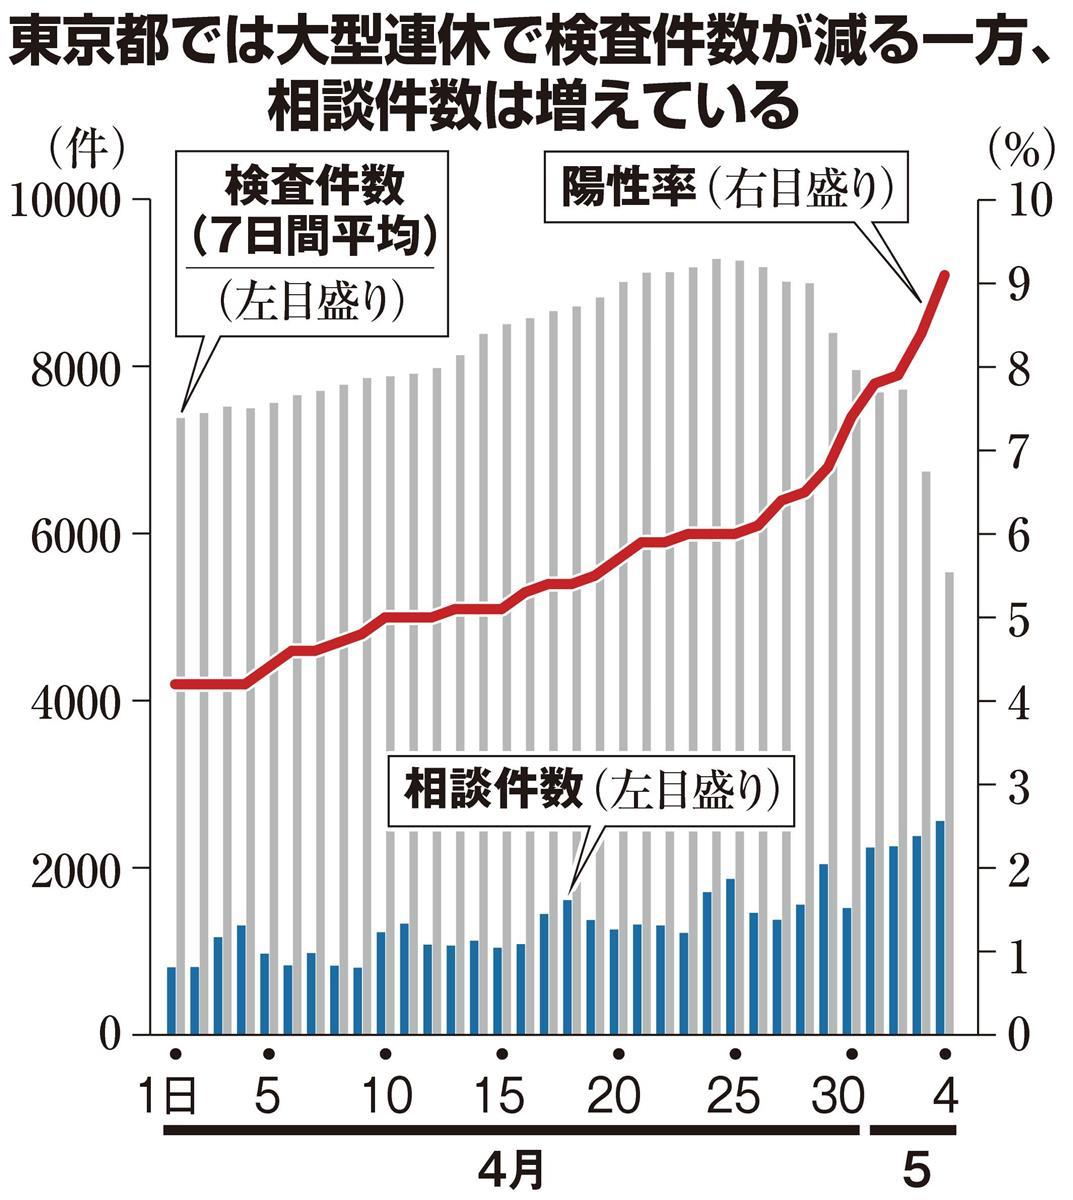 東京 都 pcr 検査 数